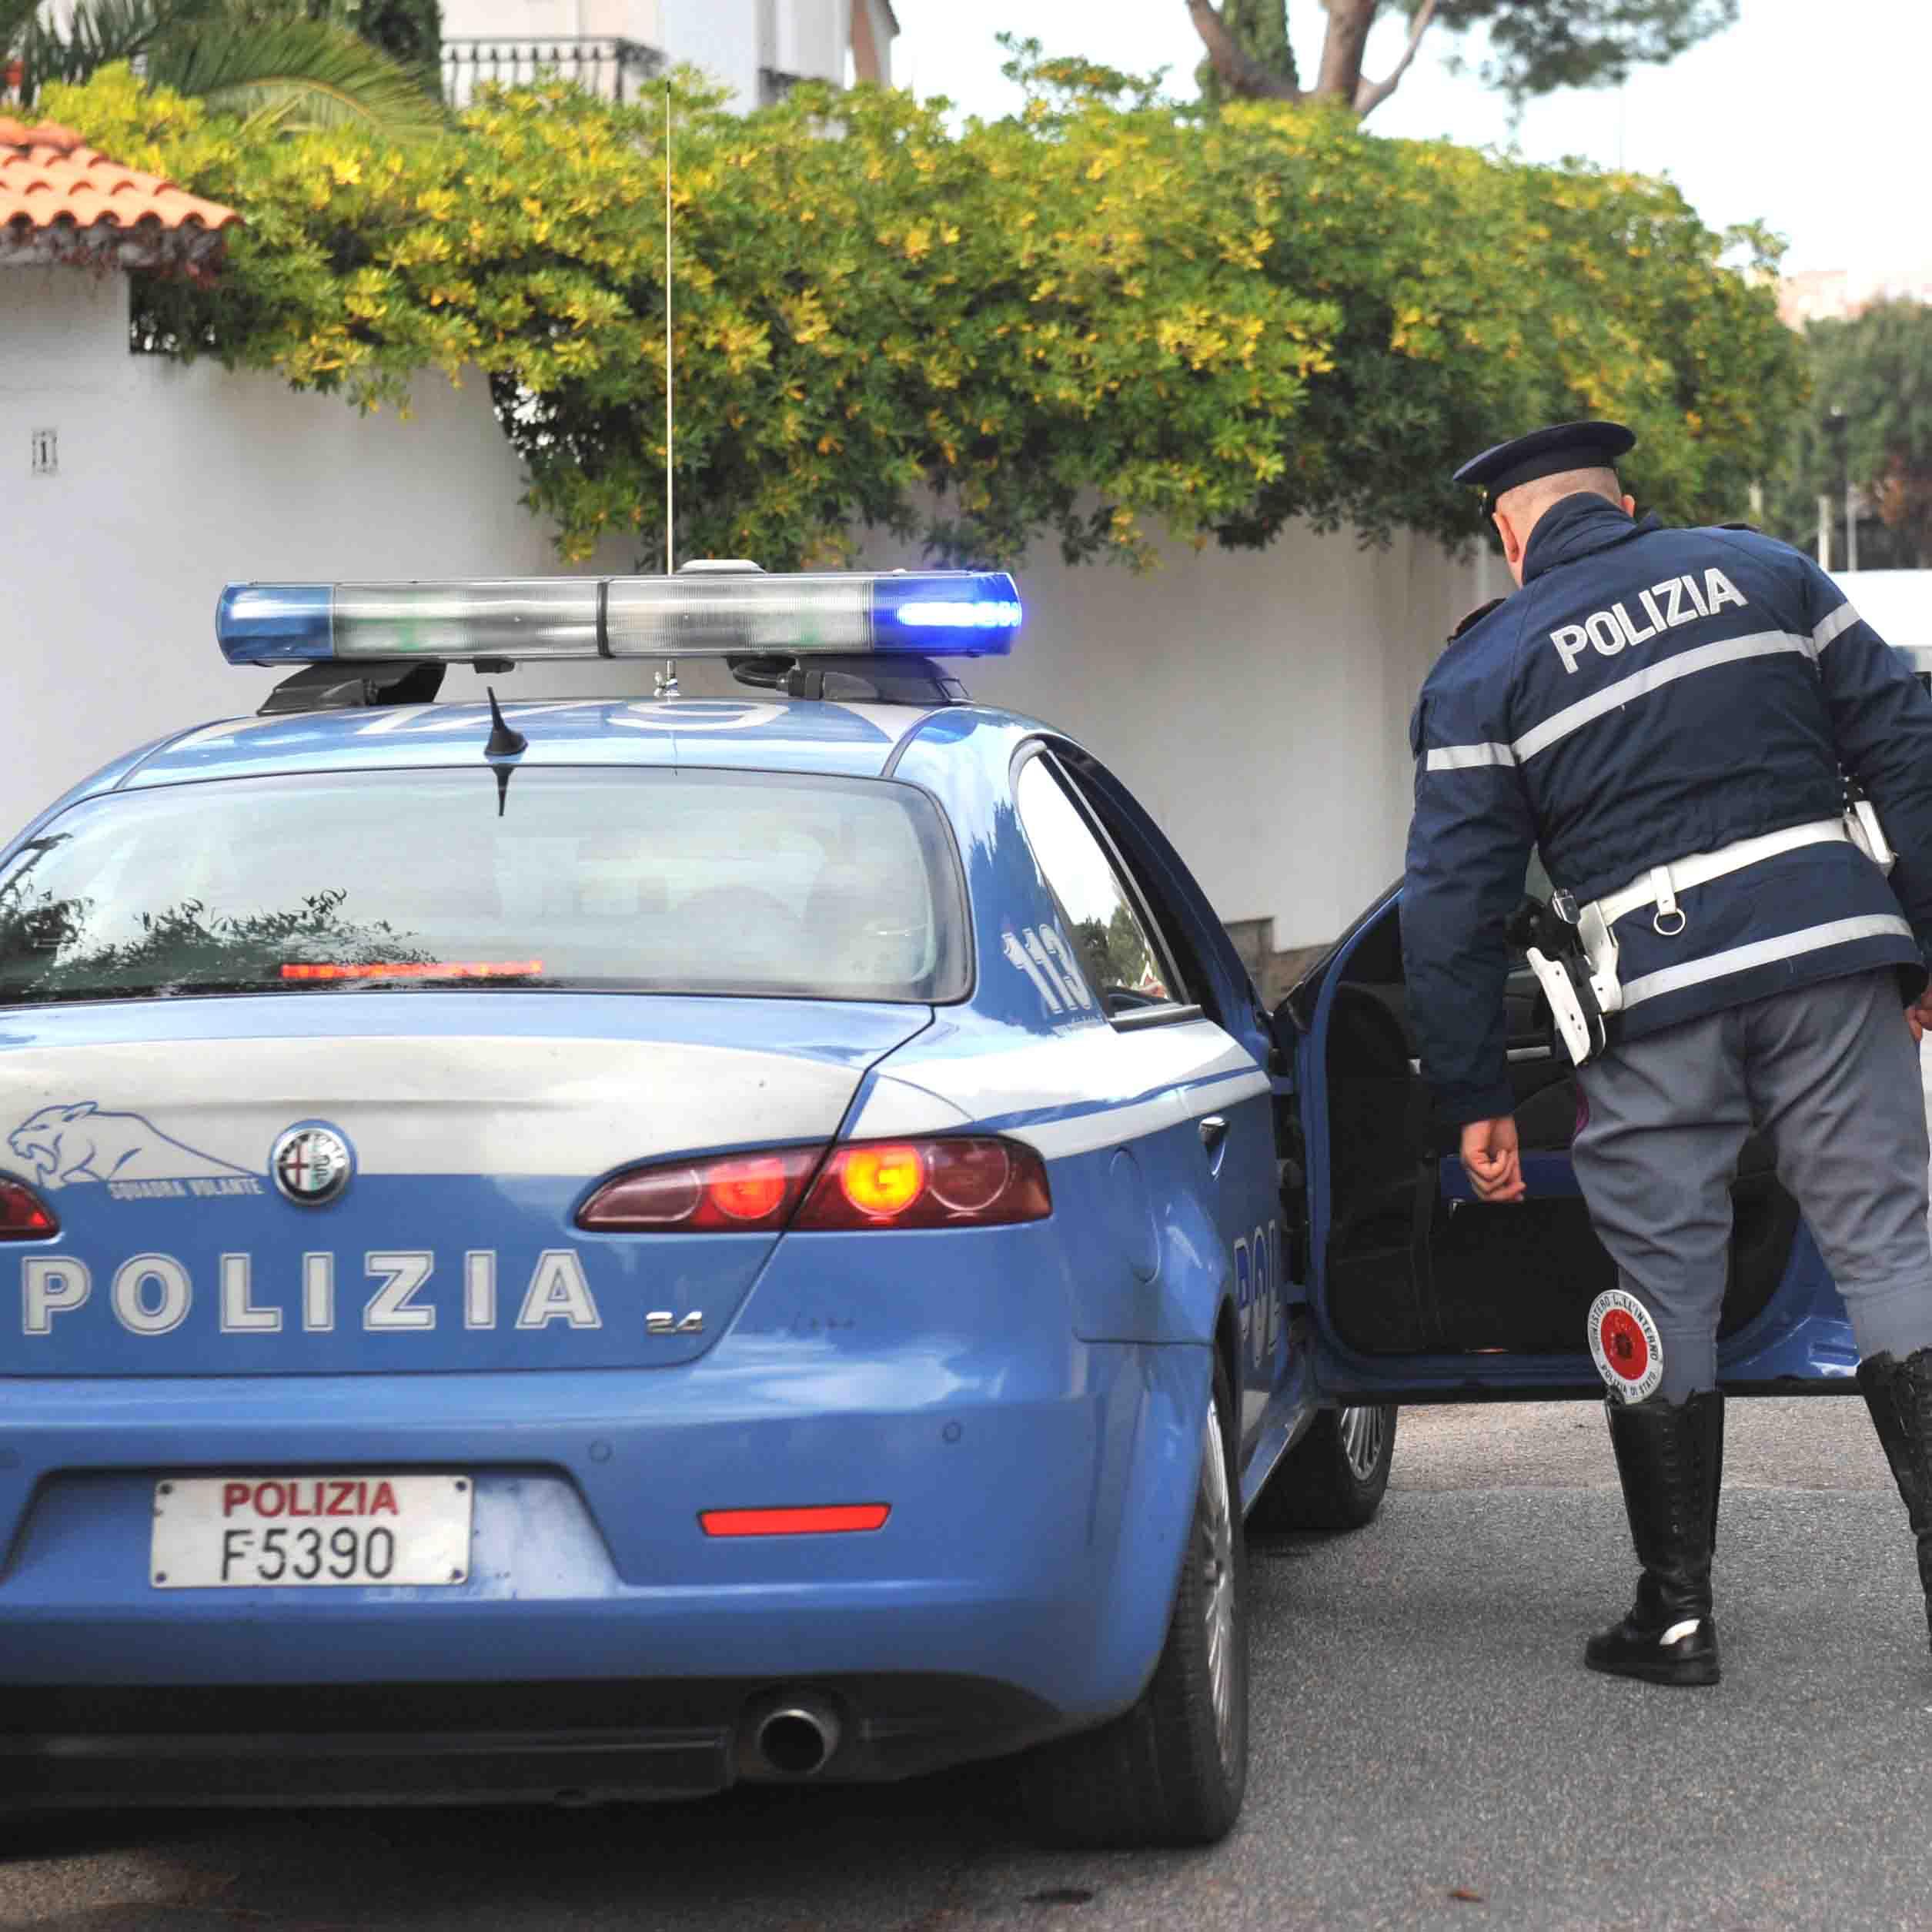 Omicidio all'Eur, un tentativo di stupro fallito e decapita la colf. La polizia spara e uccide il ki...